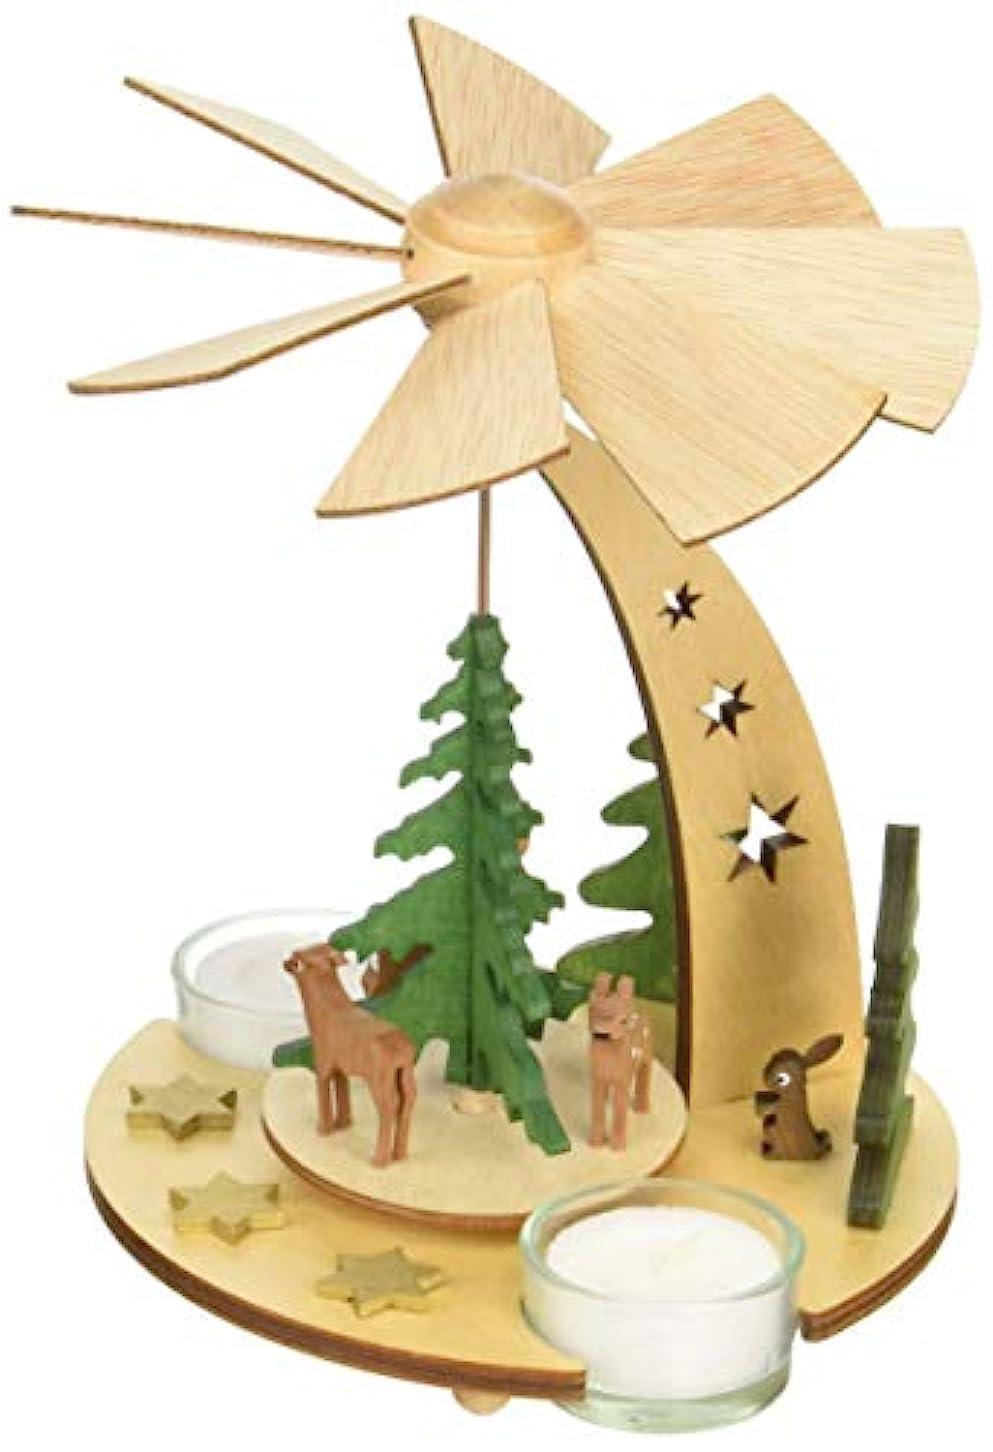 滑る穴隣接kuhnert クリスマスピラミッド 森の動物